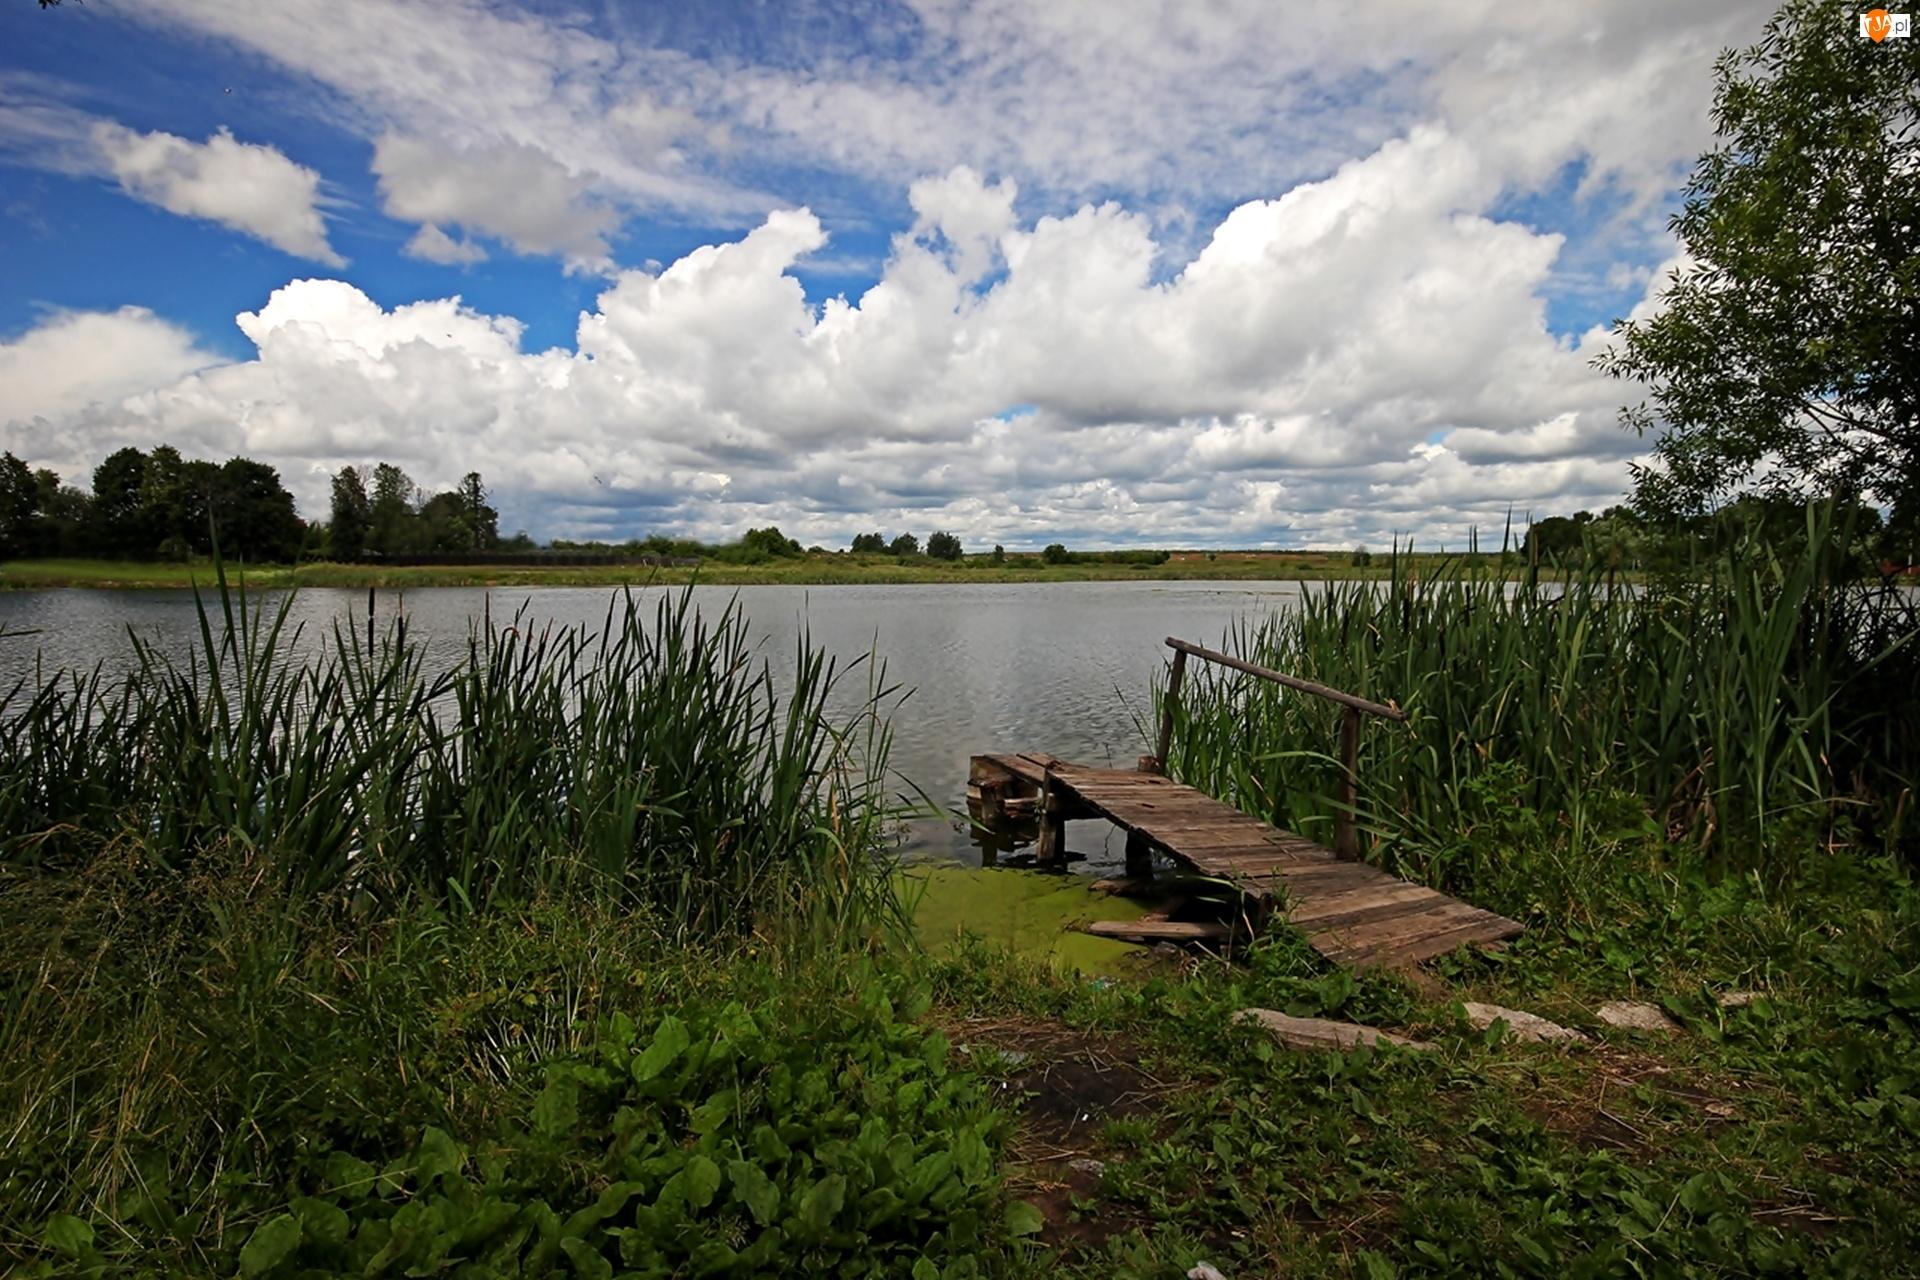 Pomost, Jezioro, Trzcina